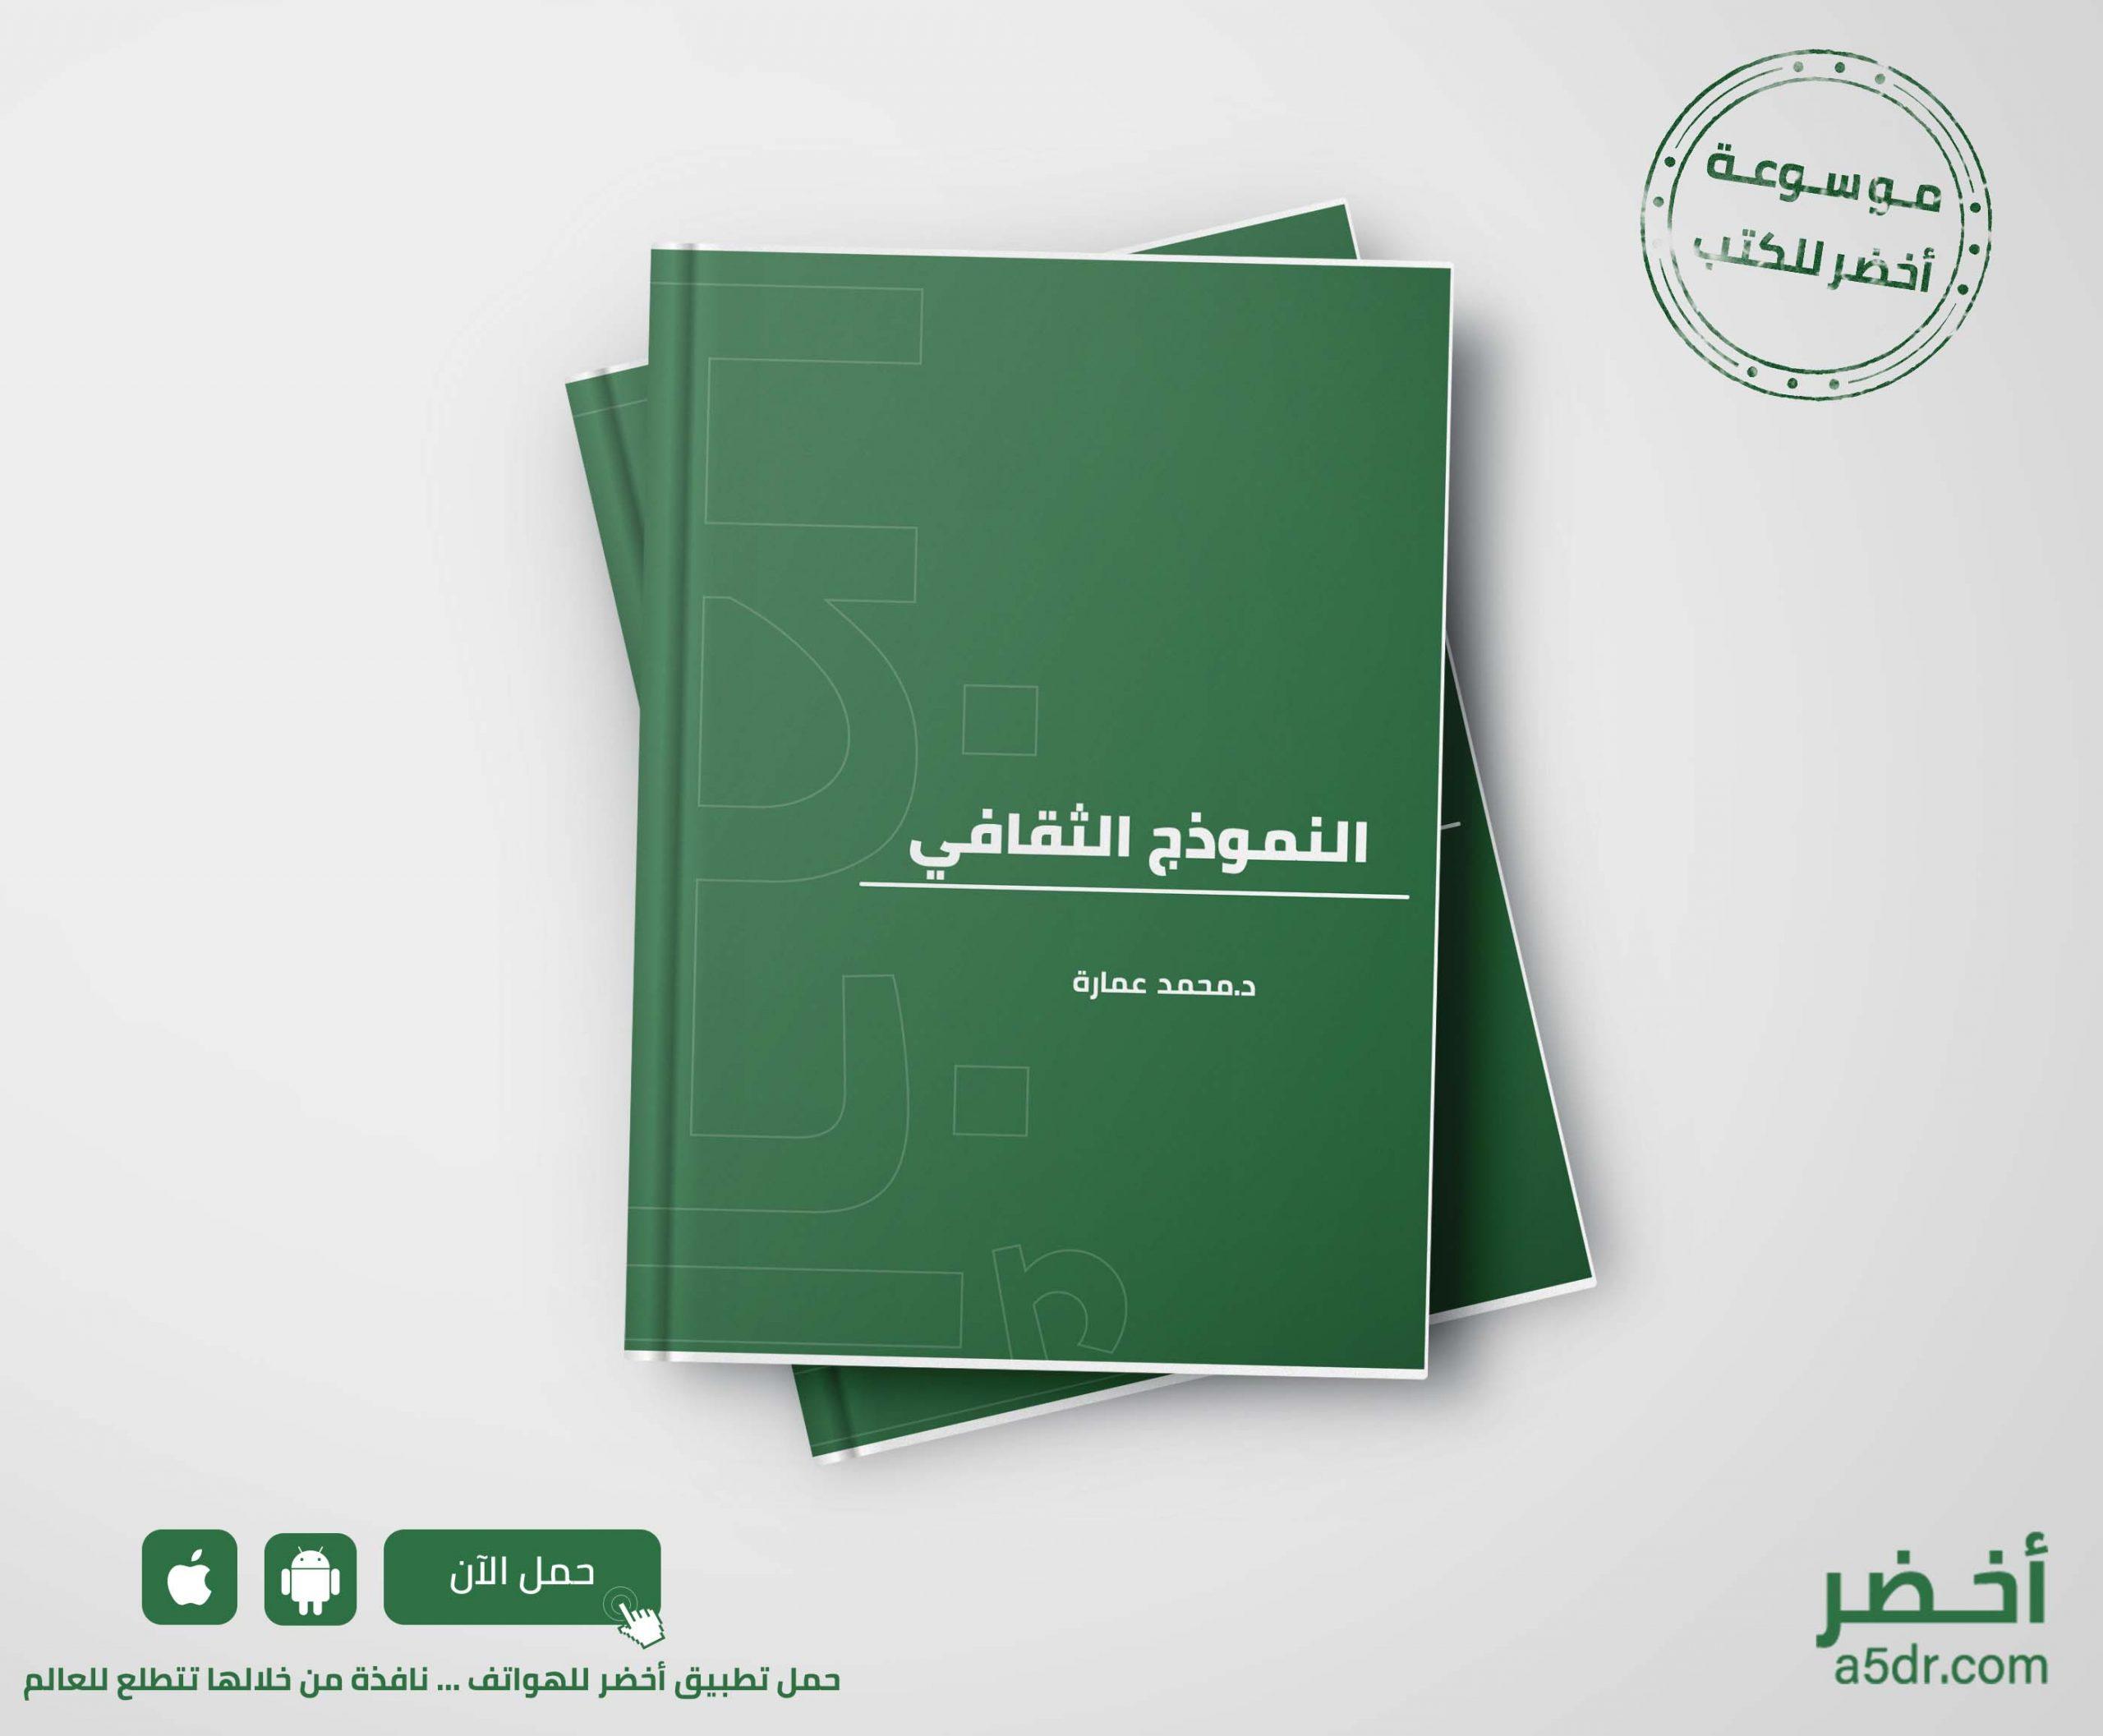 كتاب النموذج الثقافي - محمد عمارة